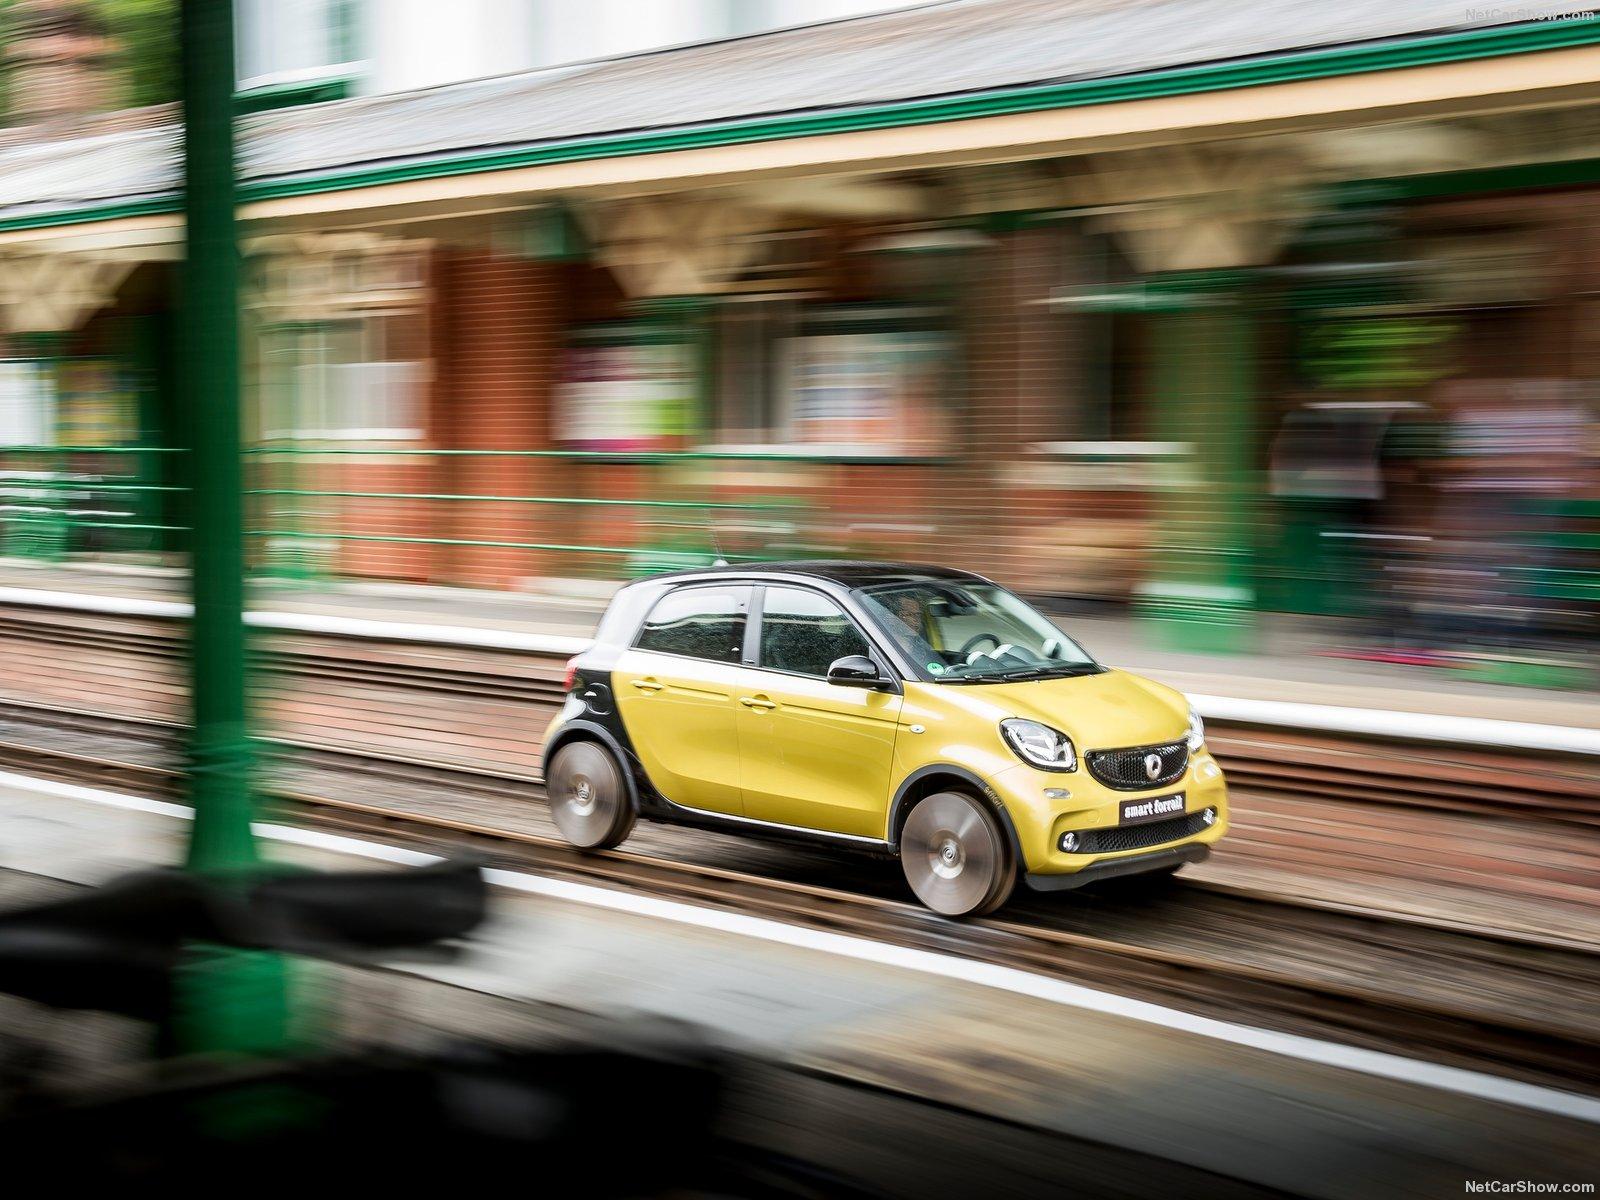 Hình ảnh xe ô tô Smart forrail Concept 2015 & nội ngoại thất